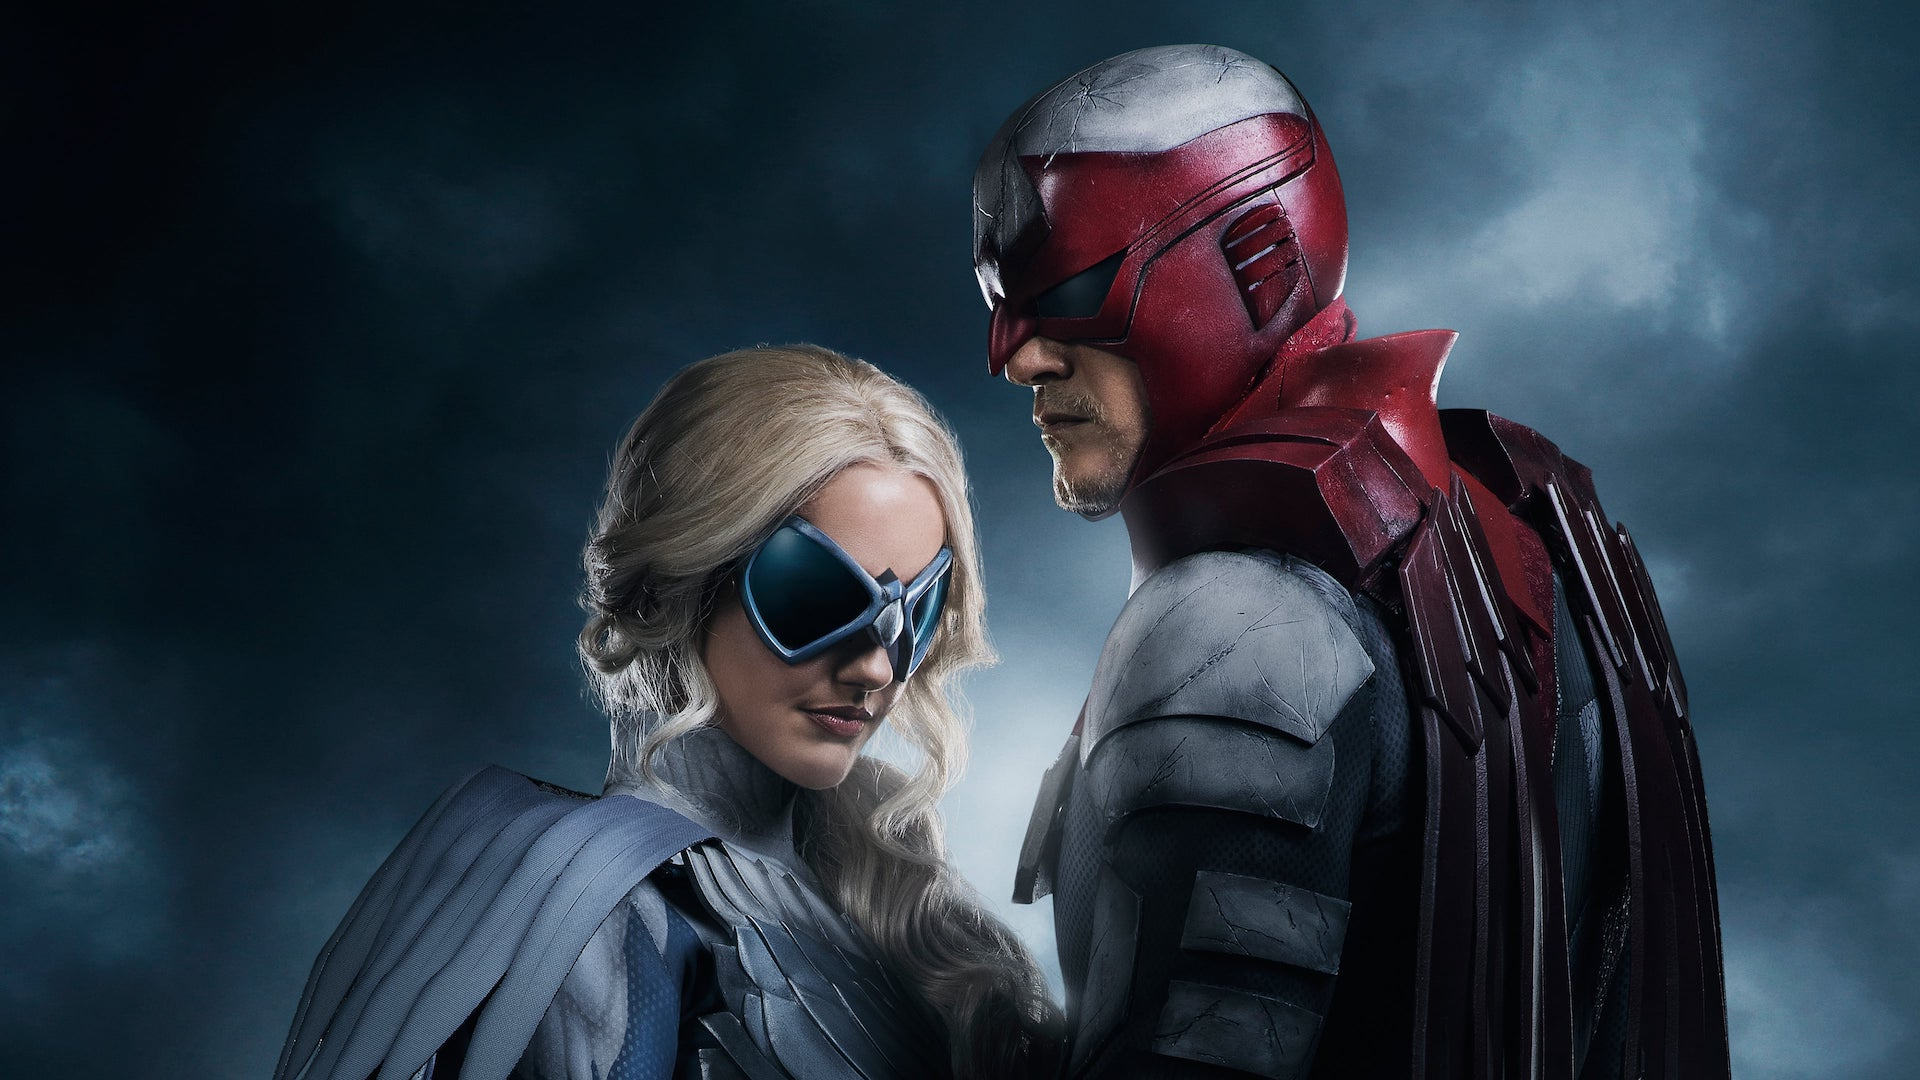 Lánzate a ver Titans y vuelve a conocer a los héroes más jóvenes de DC